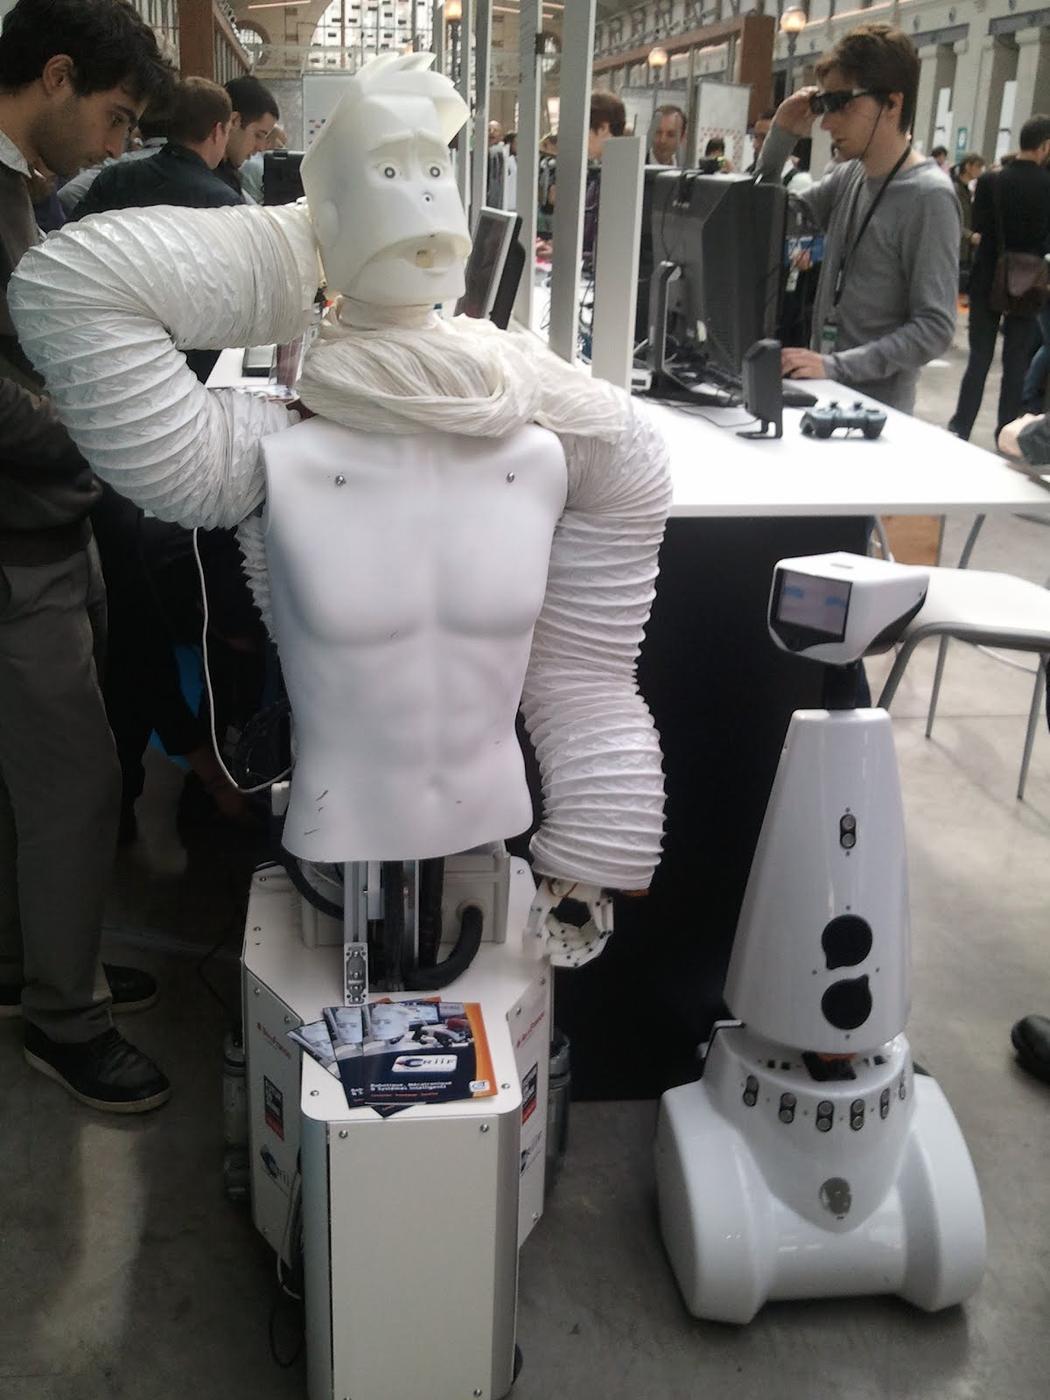 À voir sur le salon : Sami, le robot semi-humanoïde qui vous veut du bien.